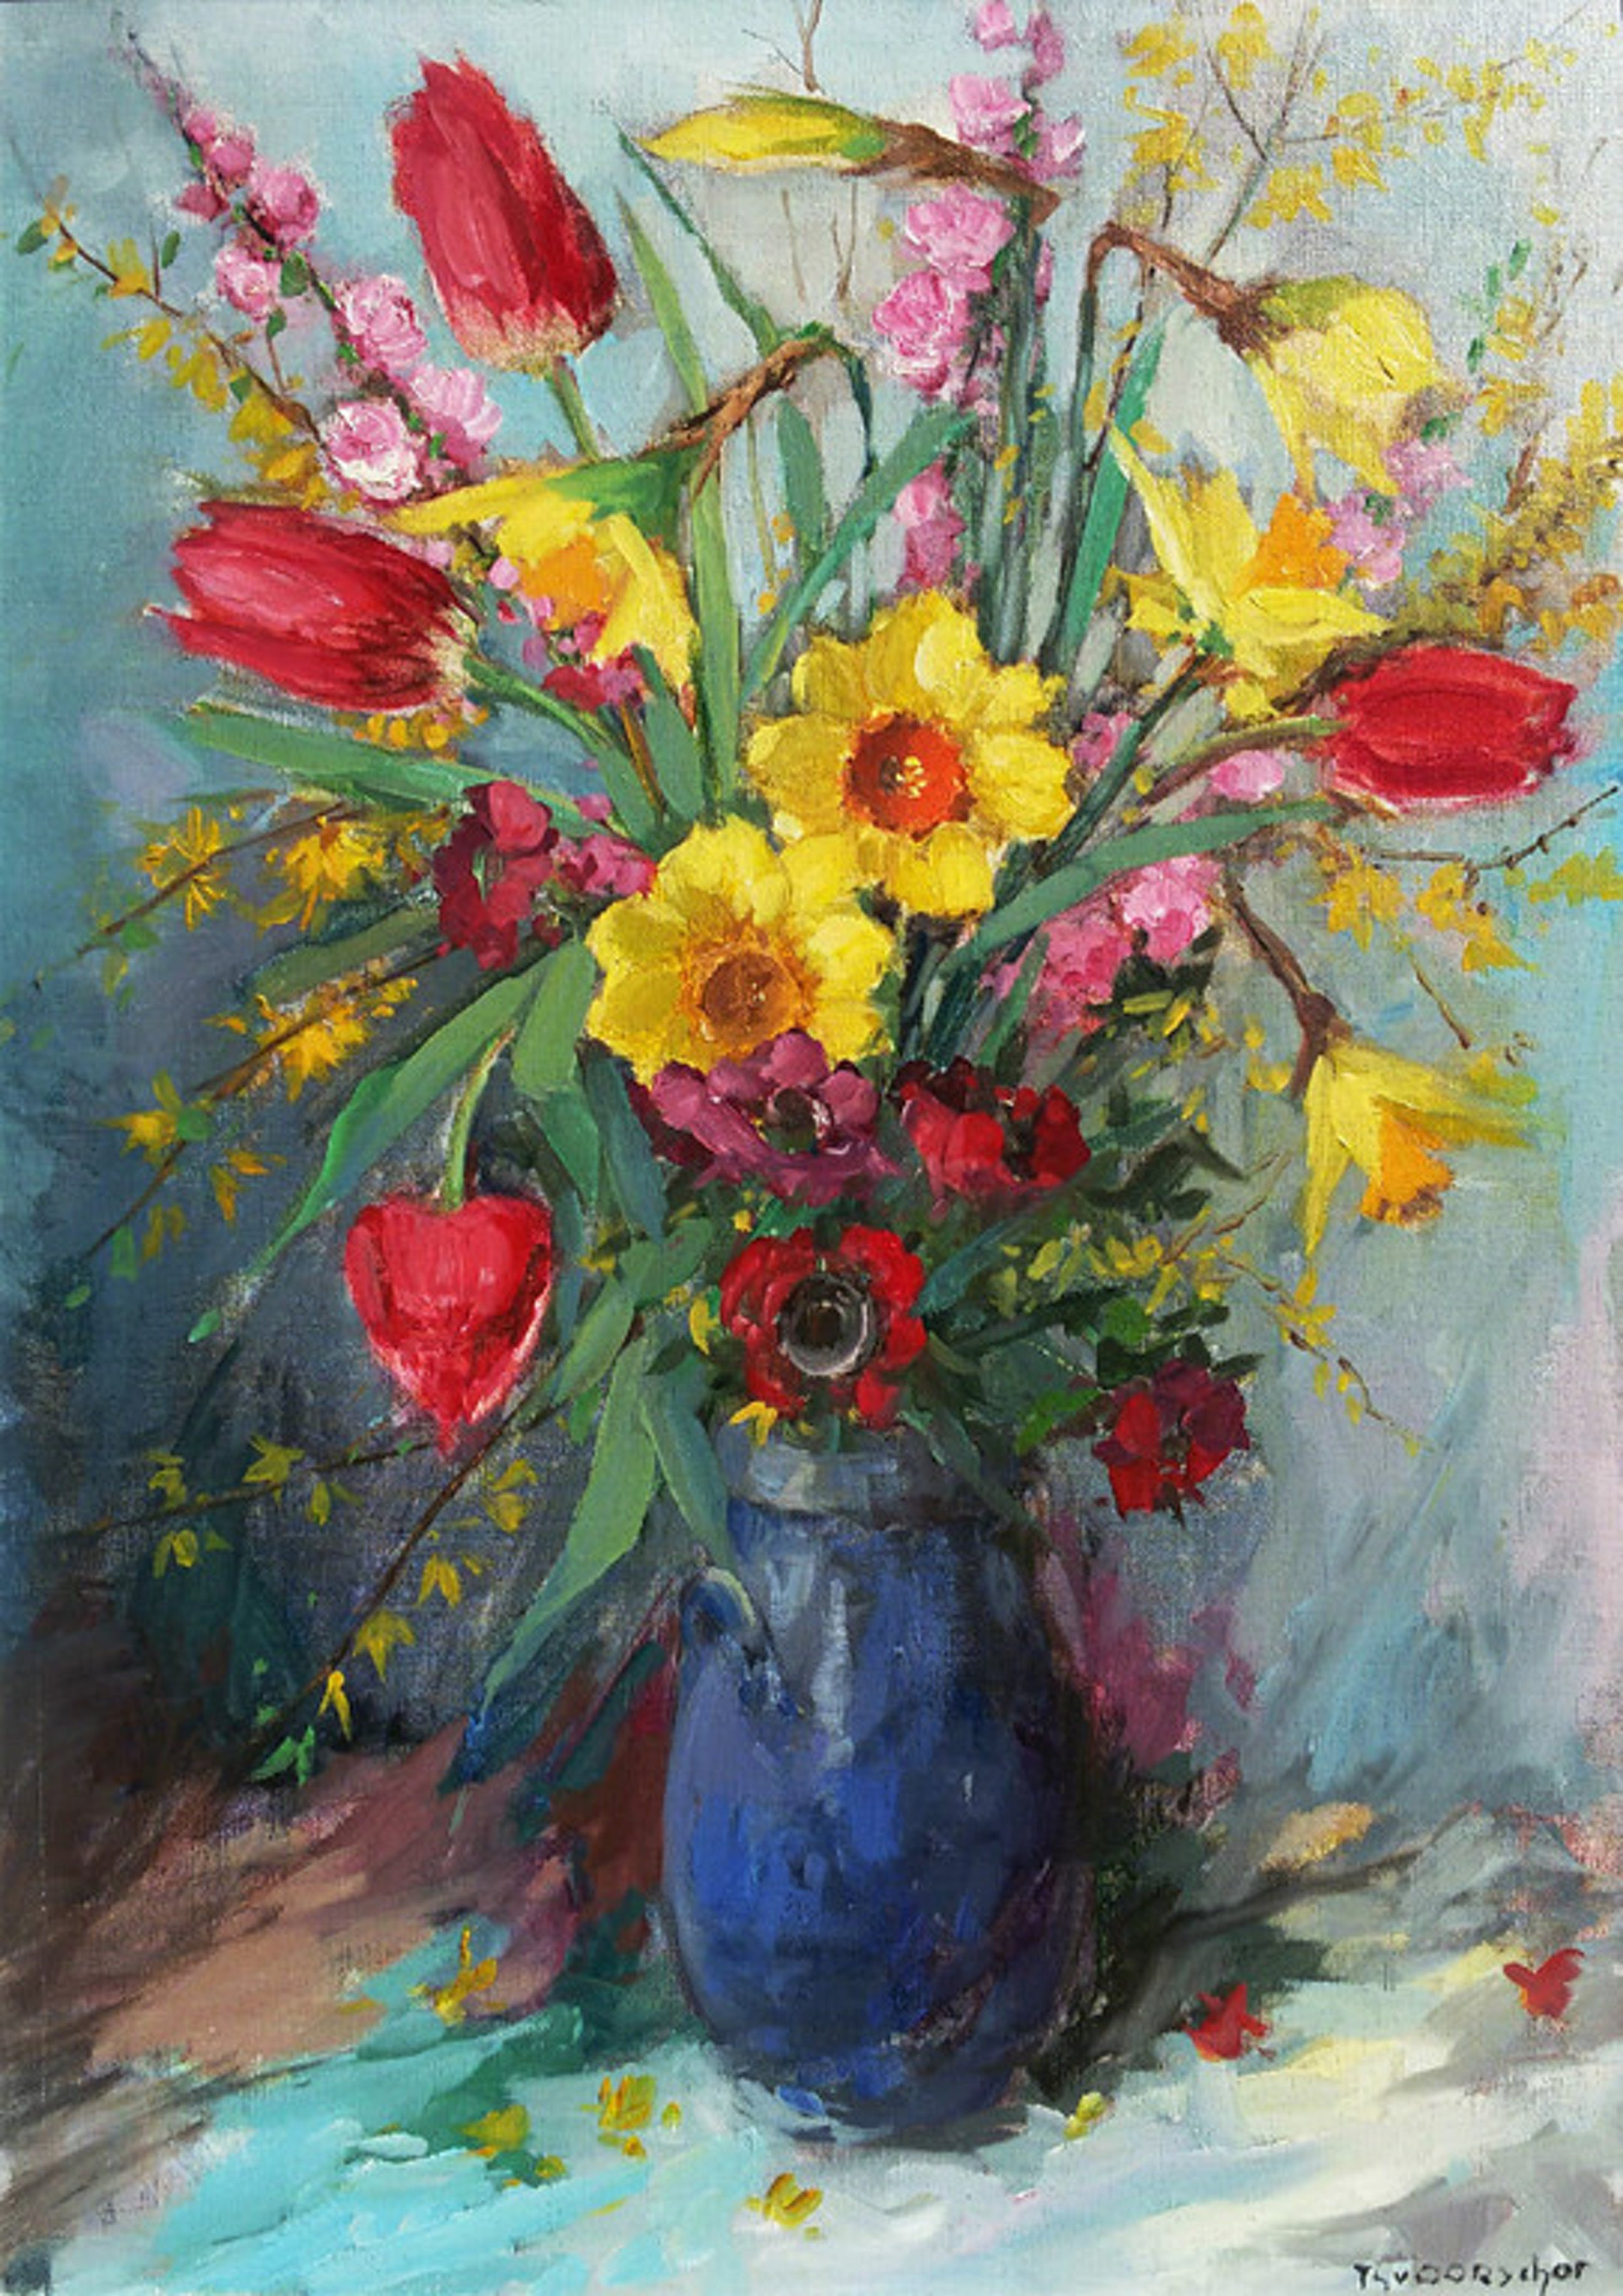 Theo van Oorschot - Voorjaarsbloemen, olieverf op doek (mooi ingelijst) kopen? Bied vanaf 275!